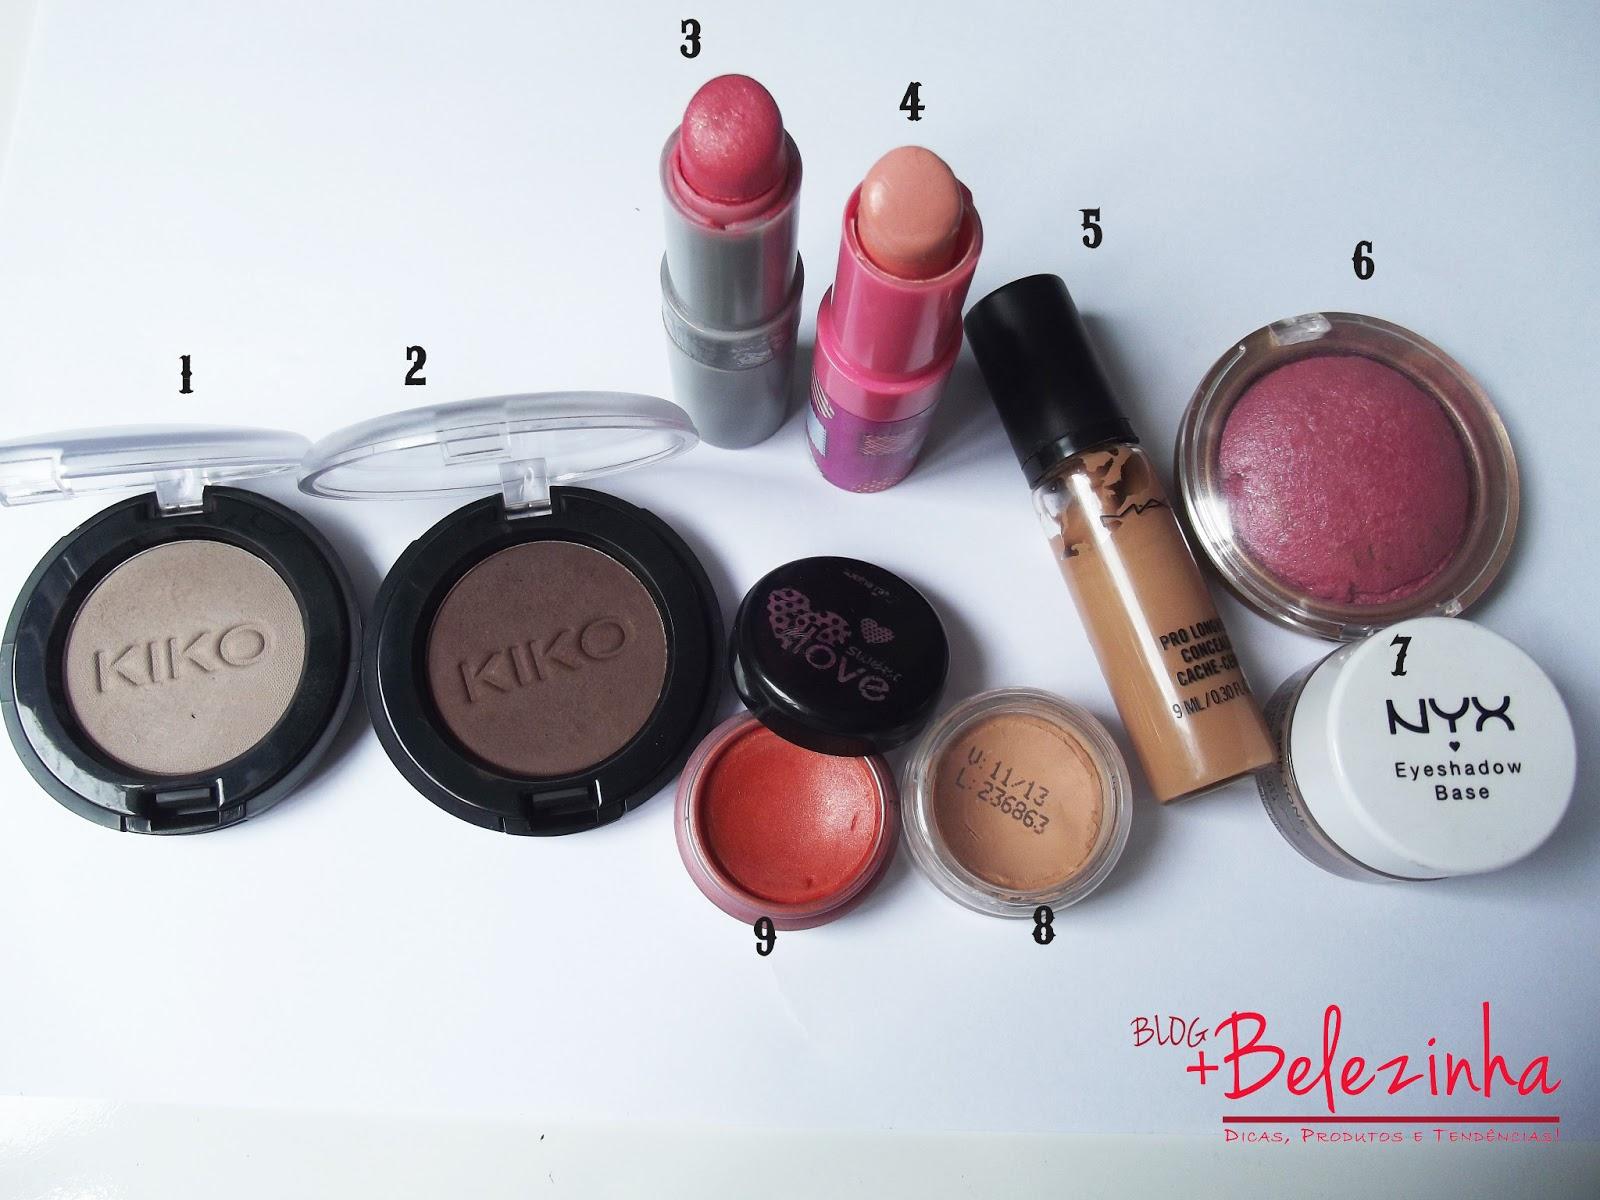 produtos-favoritos-mais-usados-março-2013